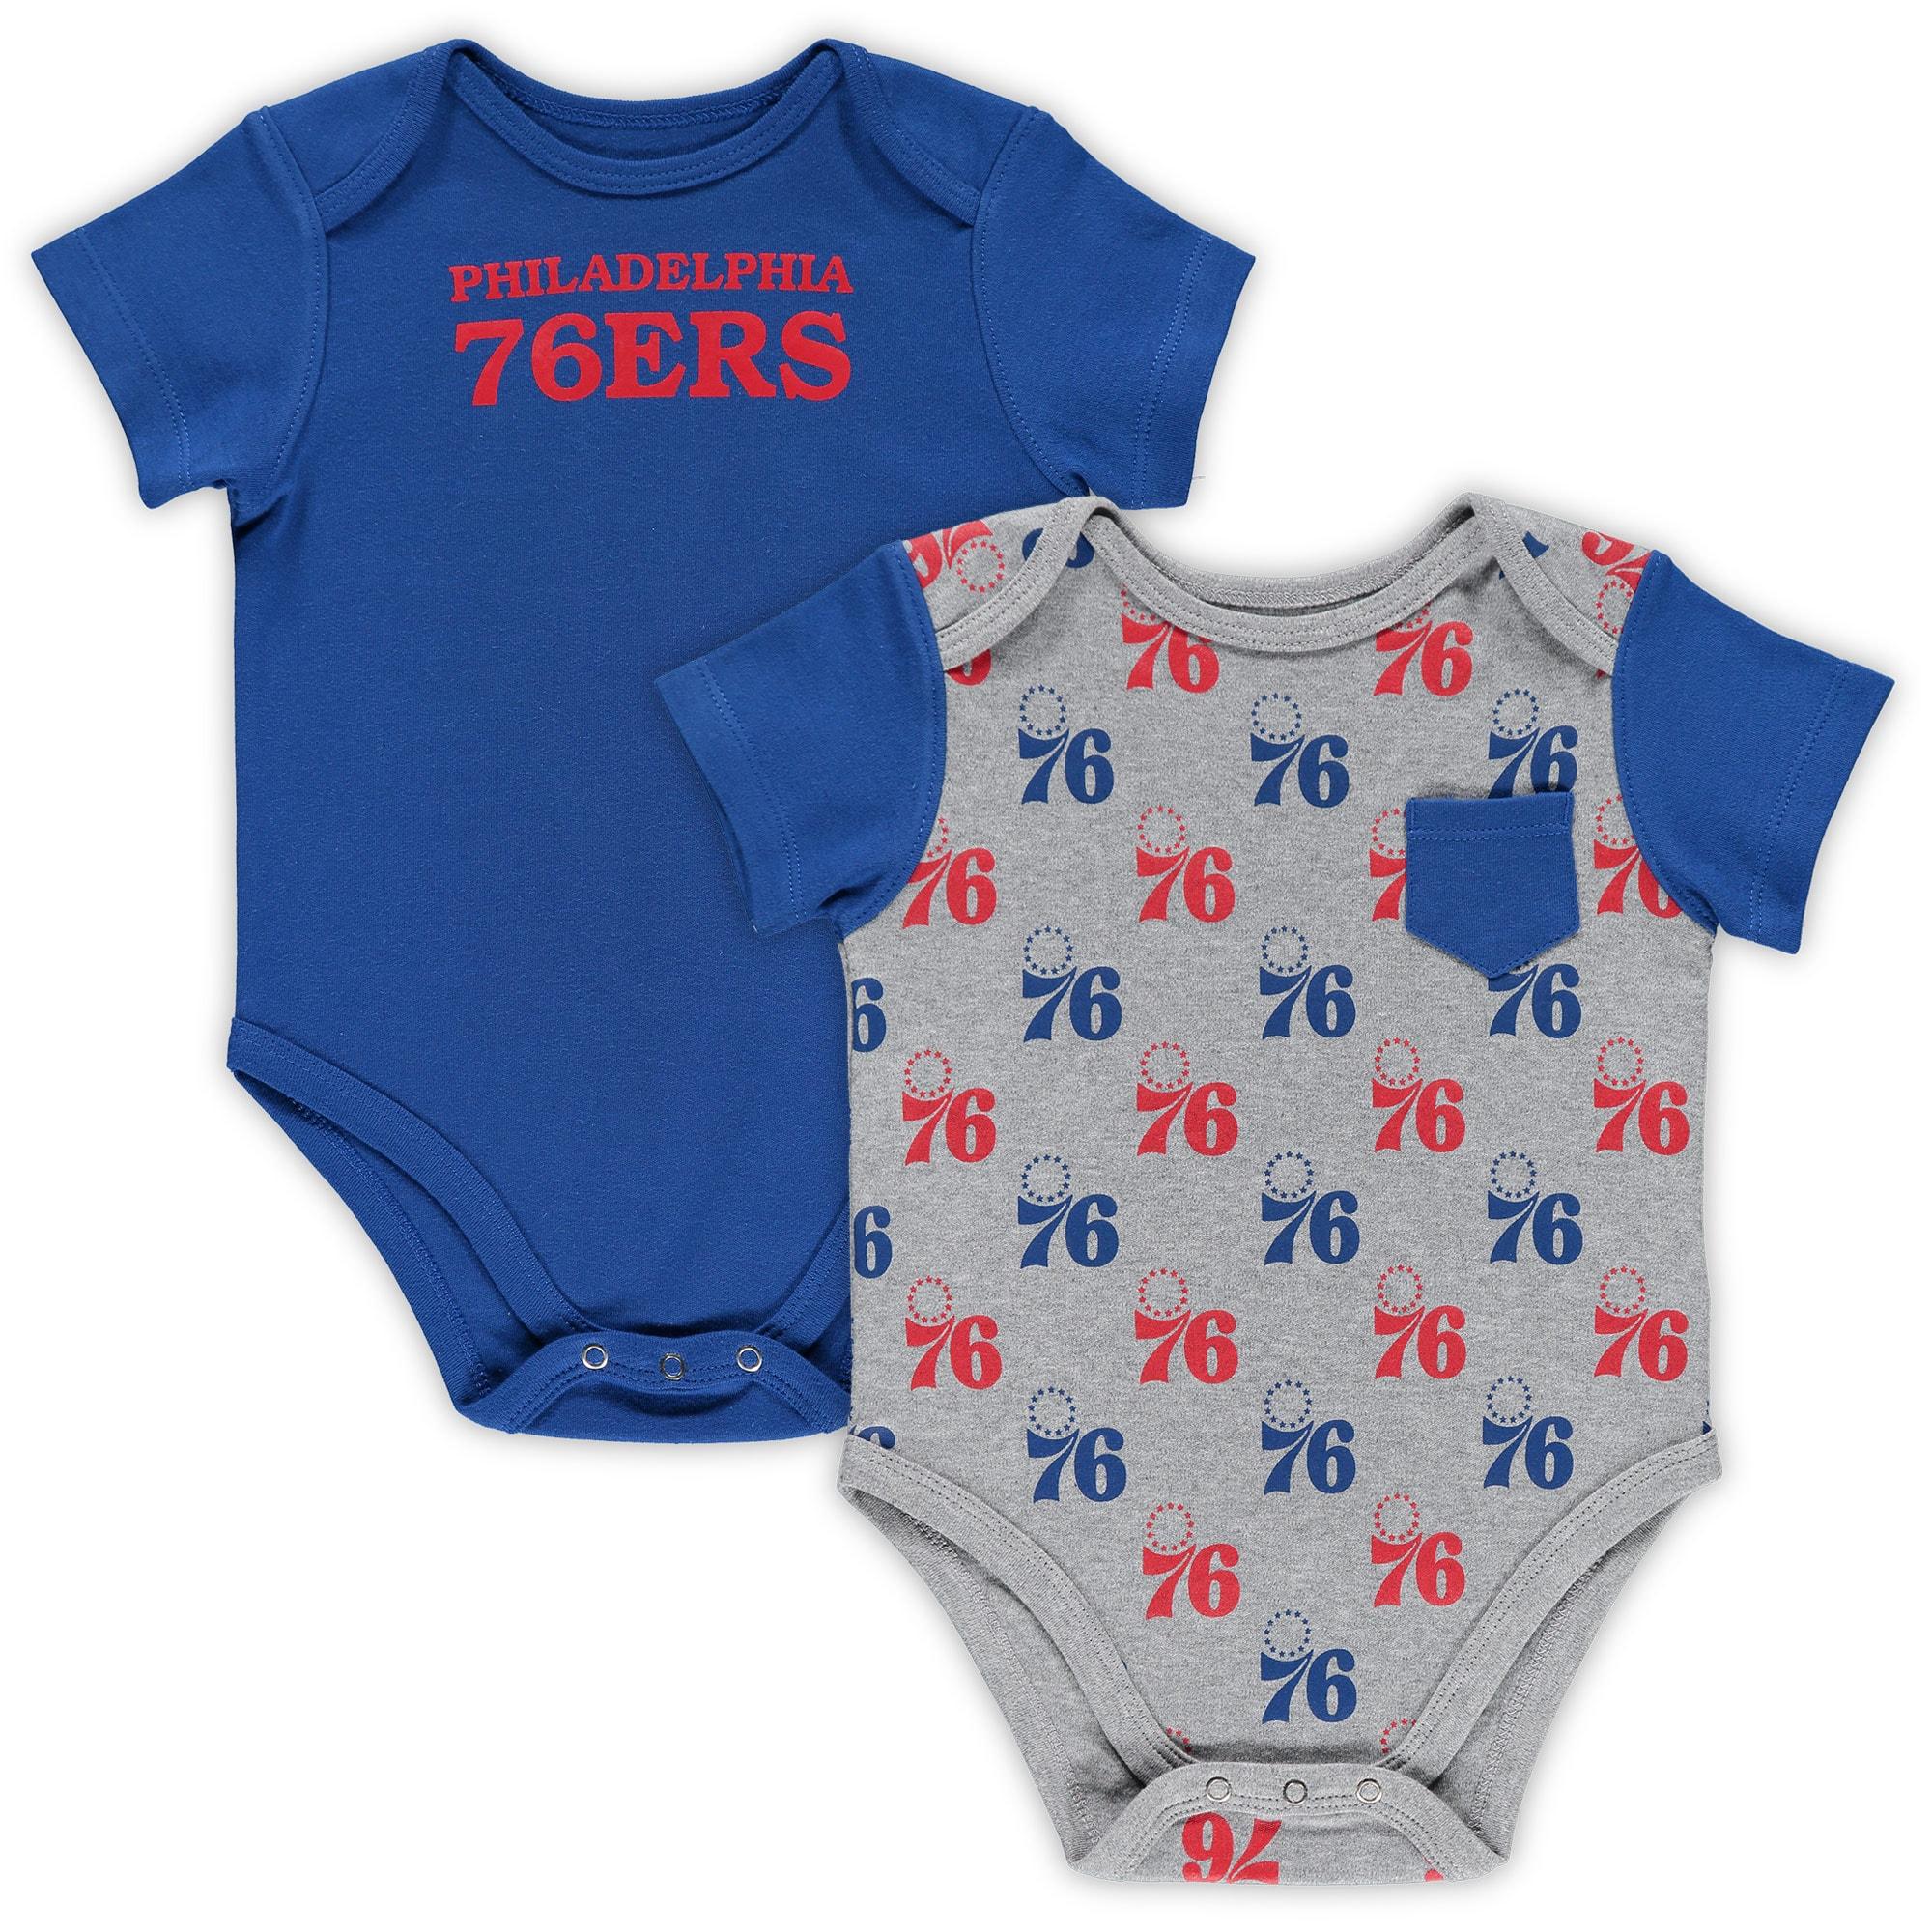 Philadelphia 76ers Infant Little Baller 2-Pack Bodysuit Set - Royal/Heathered Gray